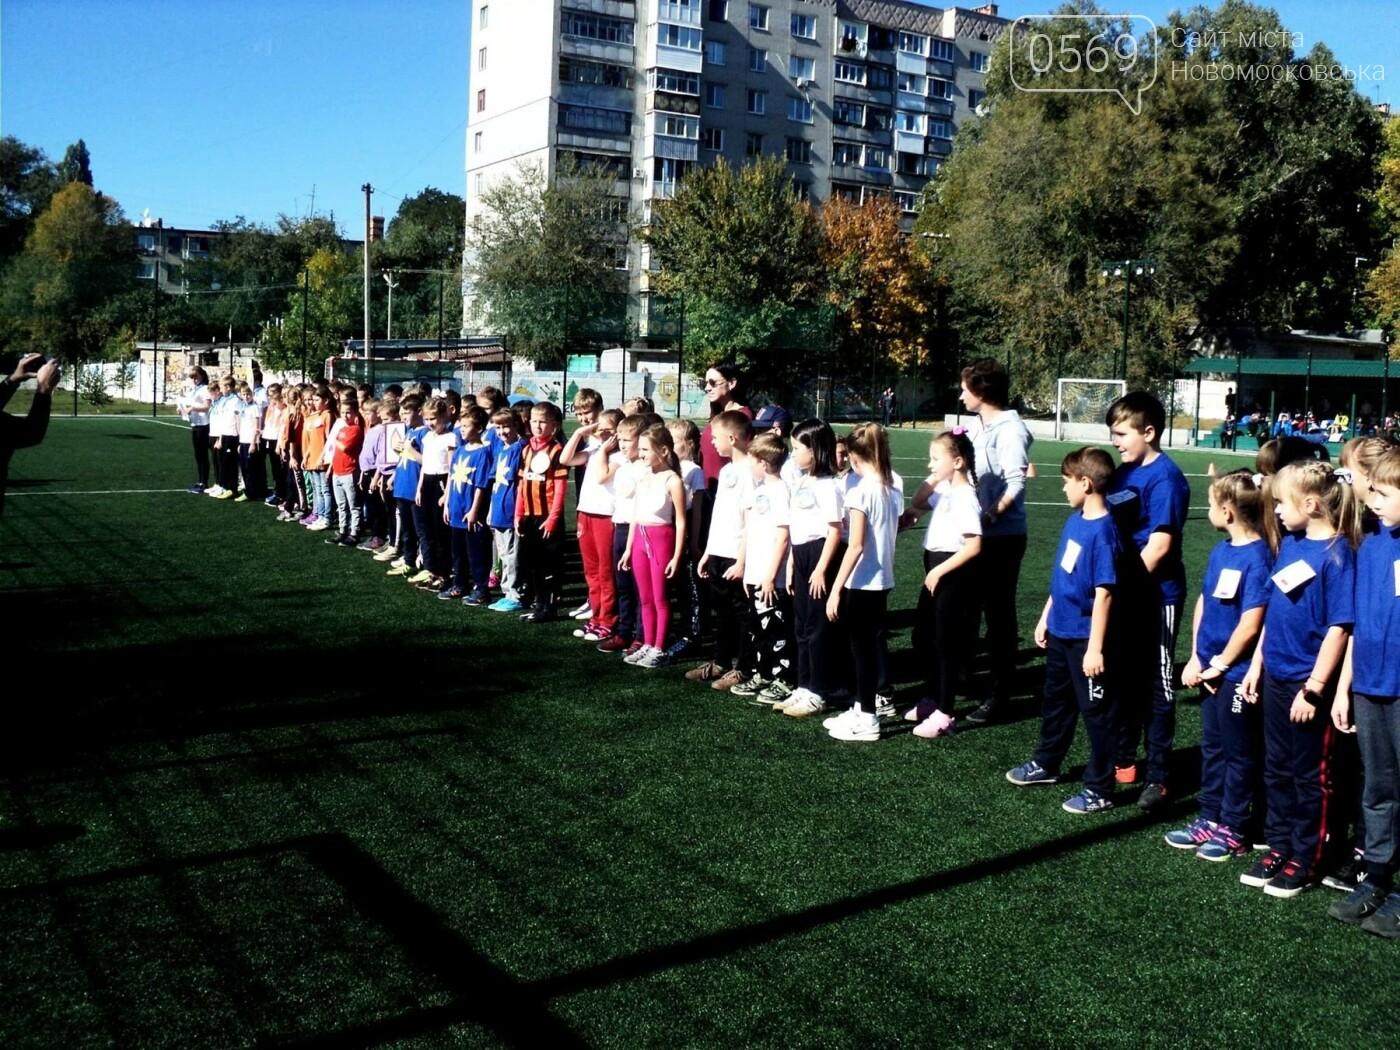 Новомосковські школярі влаштували «козацькі розваги», фото-4